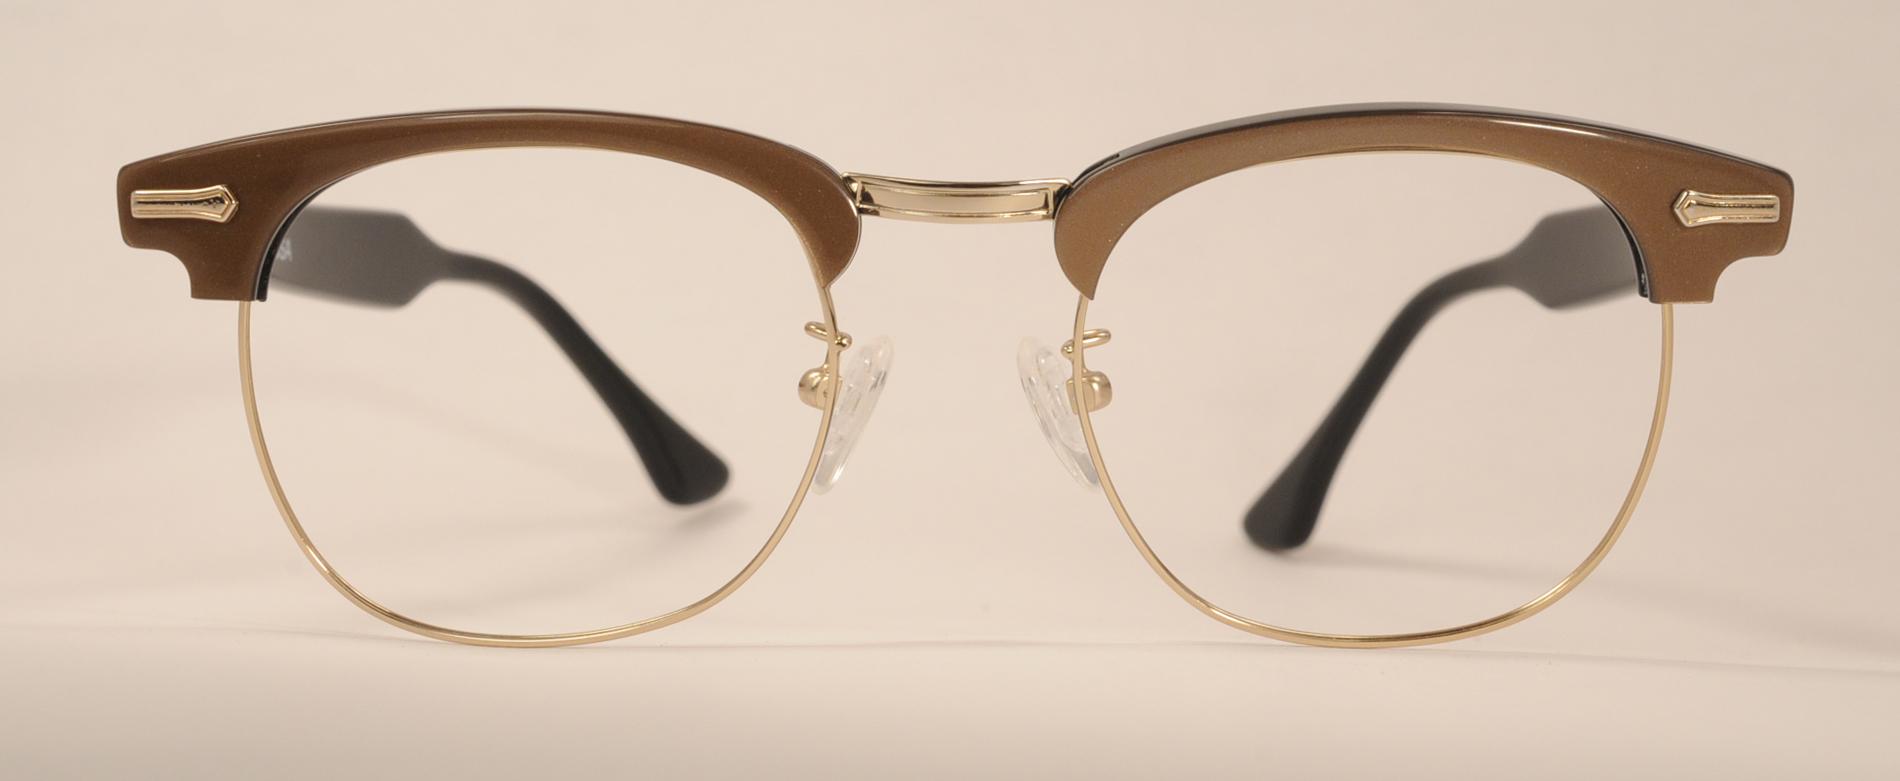 Zyl Eyeglass Frames : Optometrist Attic - SHURON RONSIR ZYL G-MAN MOCHA ...